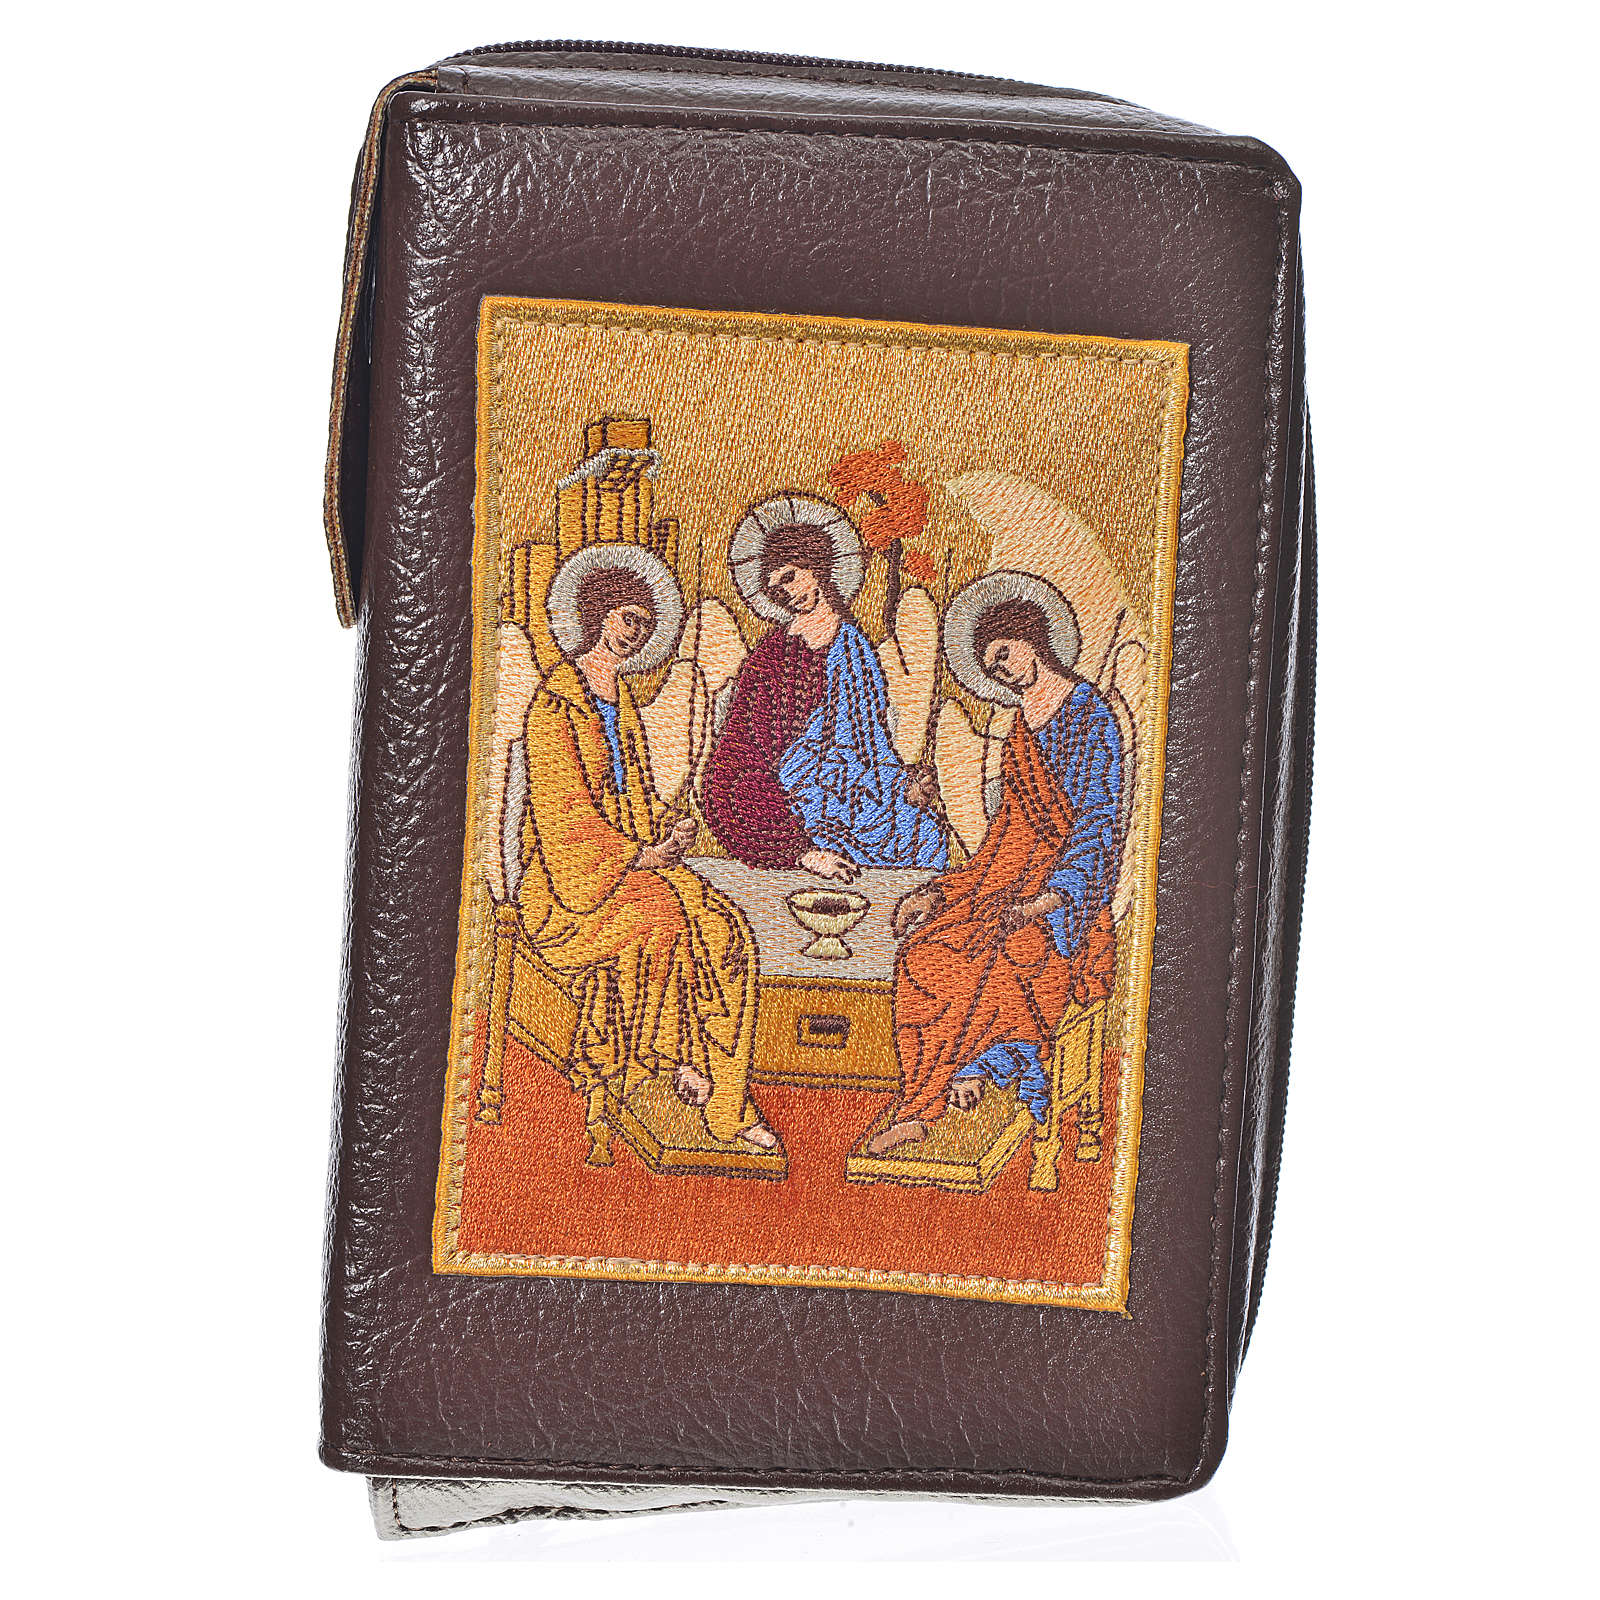 Funda Biblia Jerusalén Nueva Edición marrón simil cuero Trinidad 4